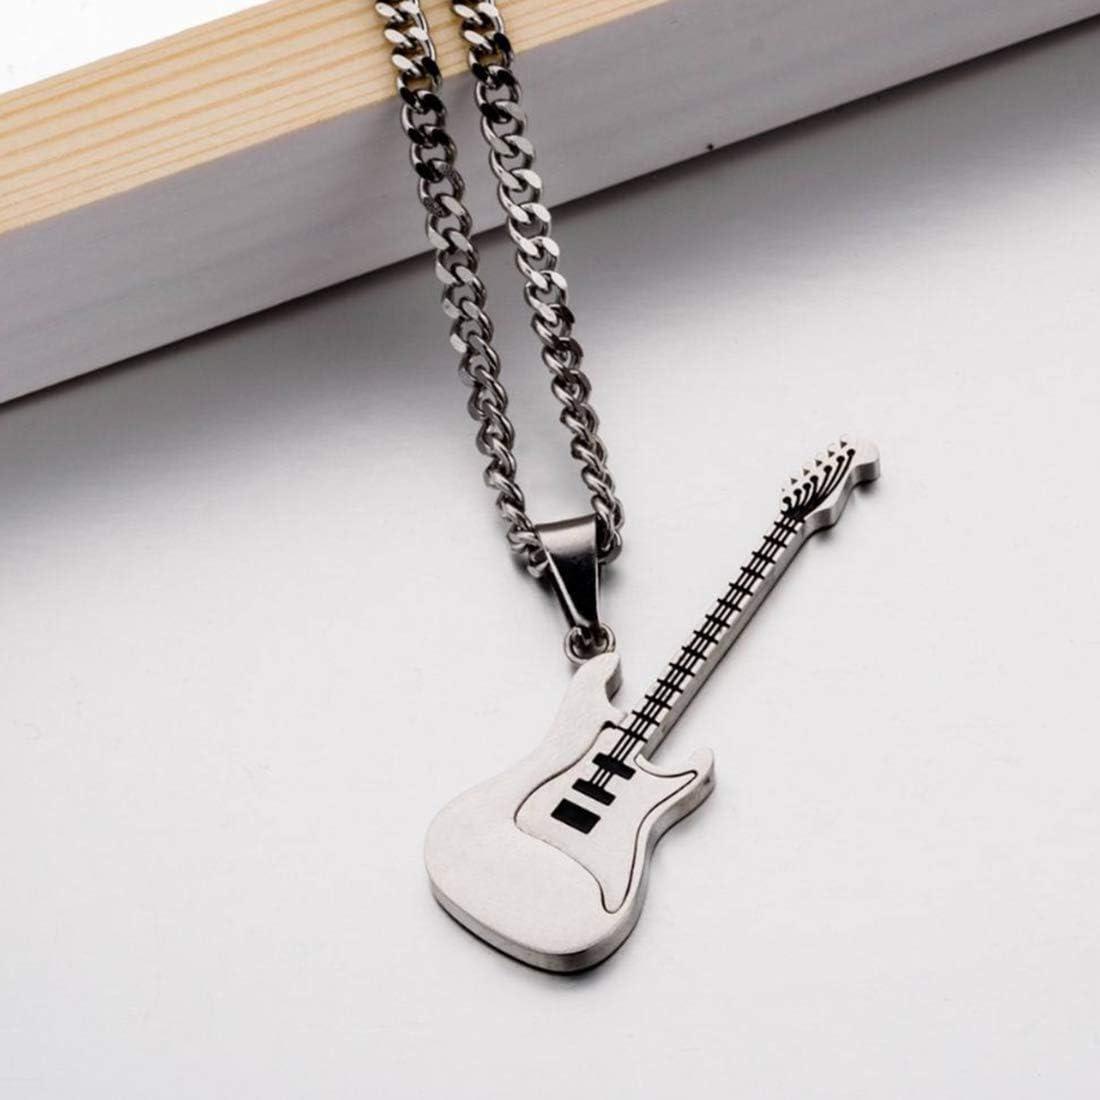 KUANDARMX Regalo de Amante Collar De Acero De Titanio Colgante Cadena De Acero De Titanio Collar De La Música Clásica De La Guitarra Colgante para Hombres Mujeres Embalaje Boutique